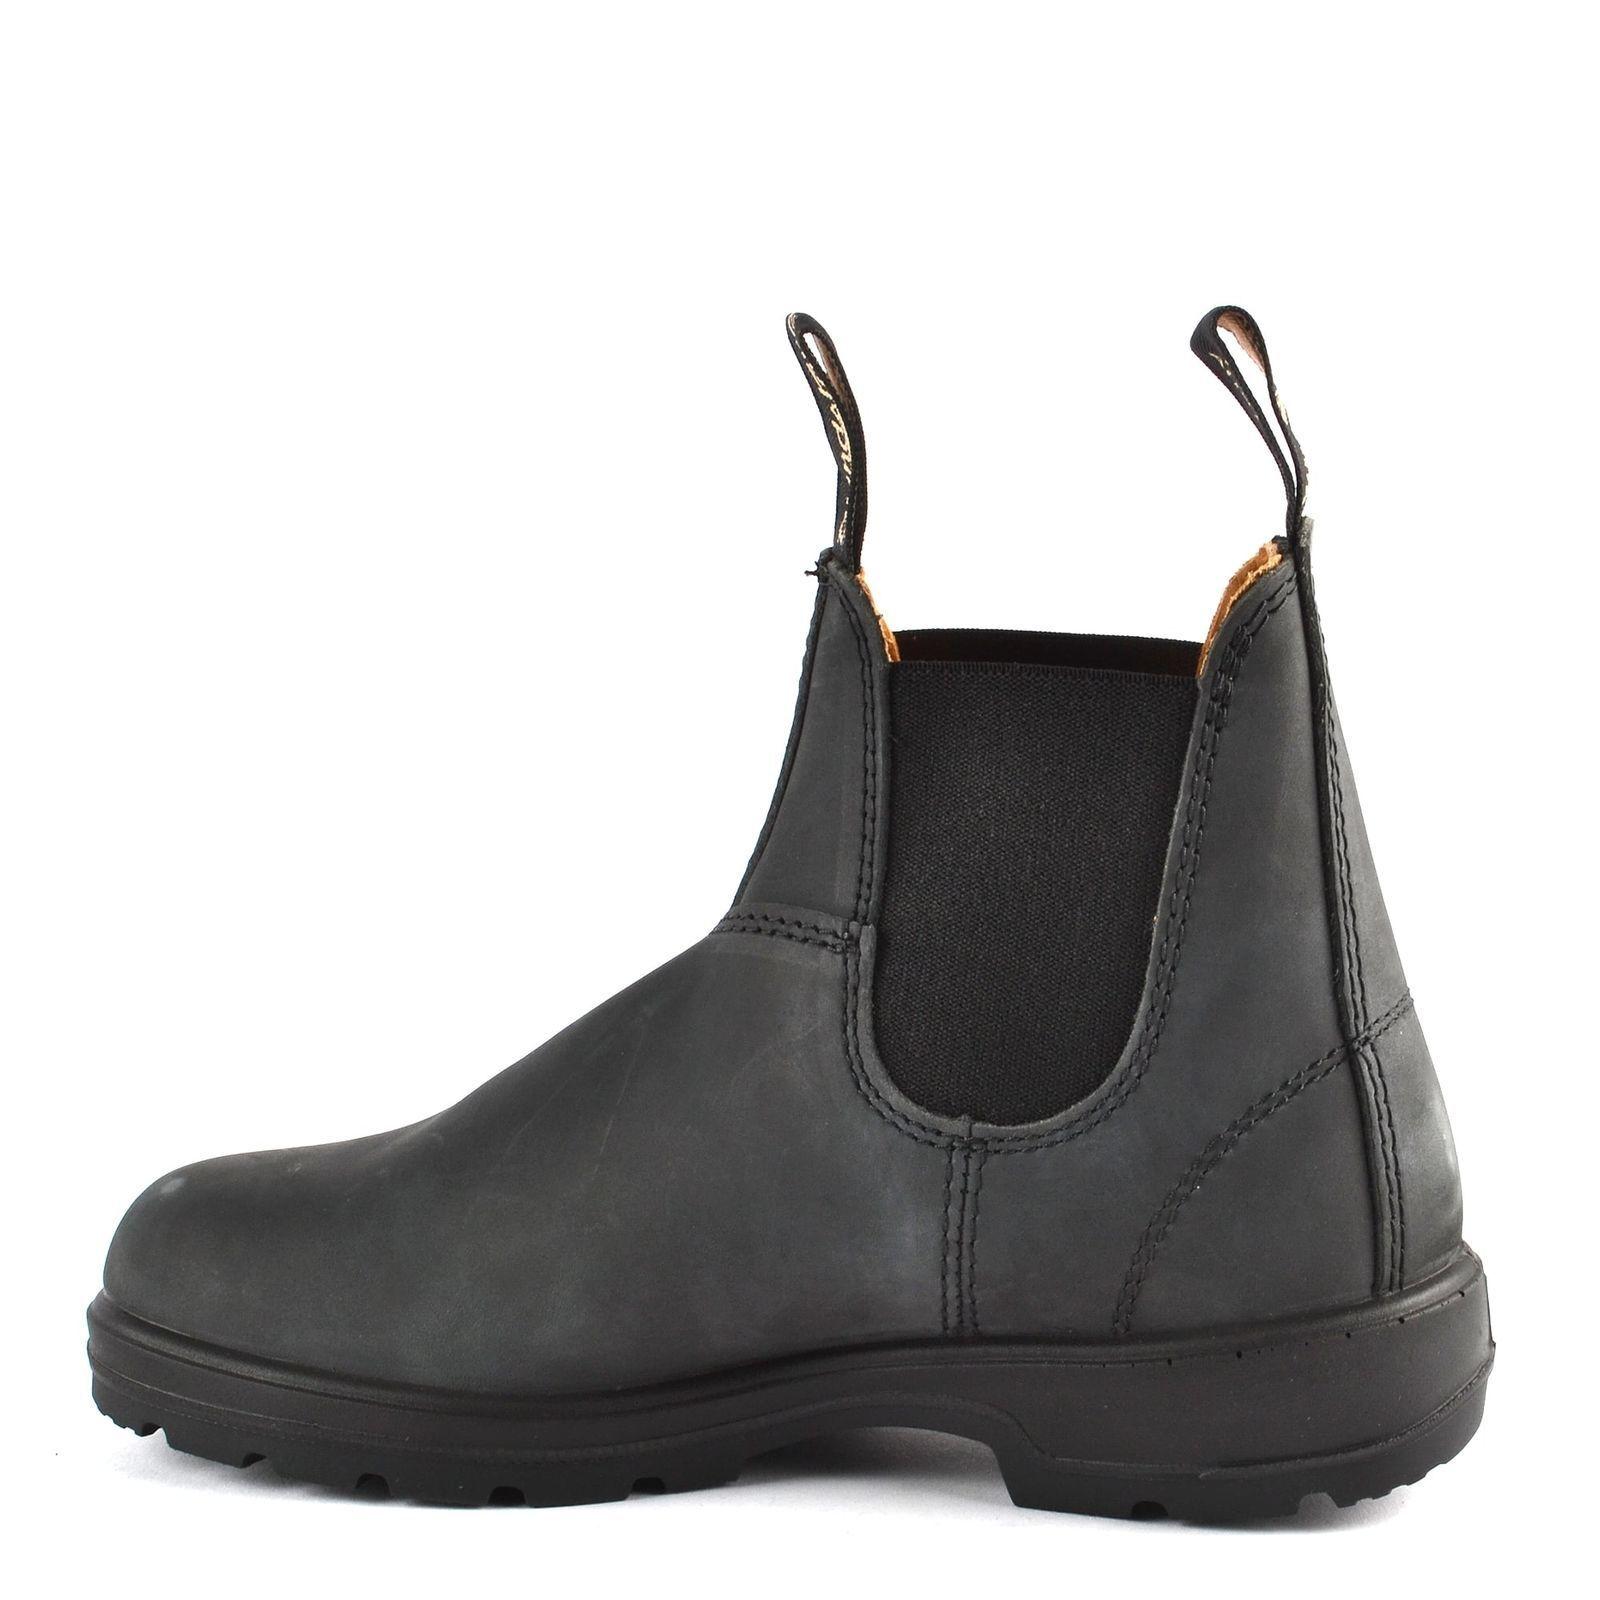 prima i clienti NUOVO stile Blundstone 587 Rustico Nero Pelle Stivali per per per le donne  nuovo di marca